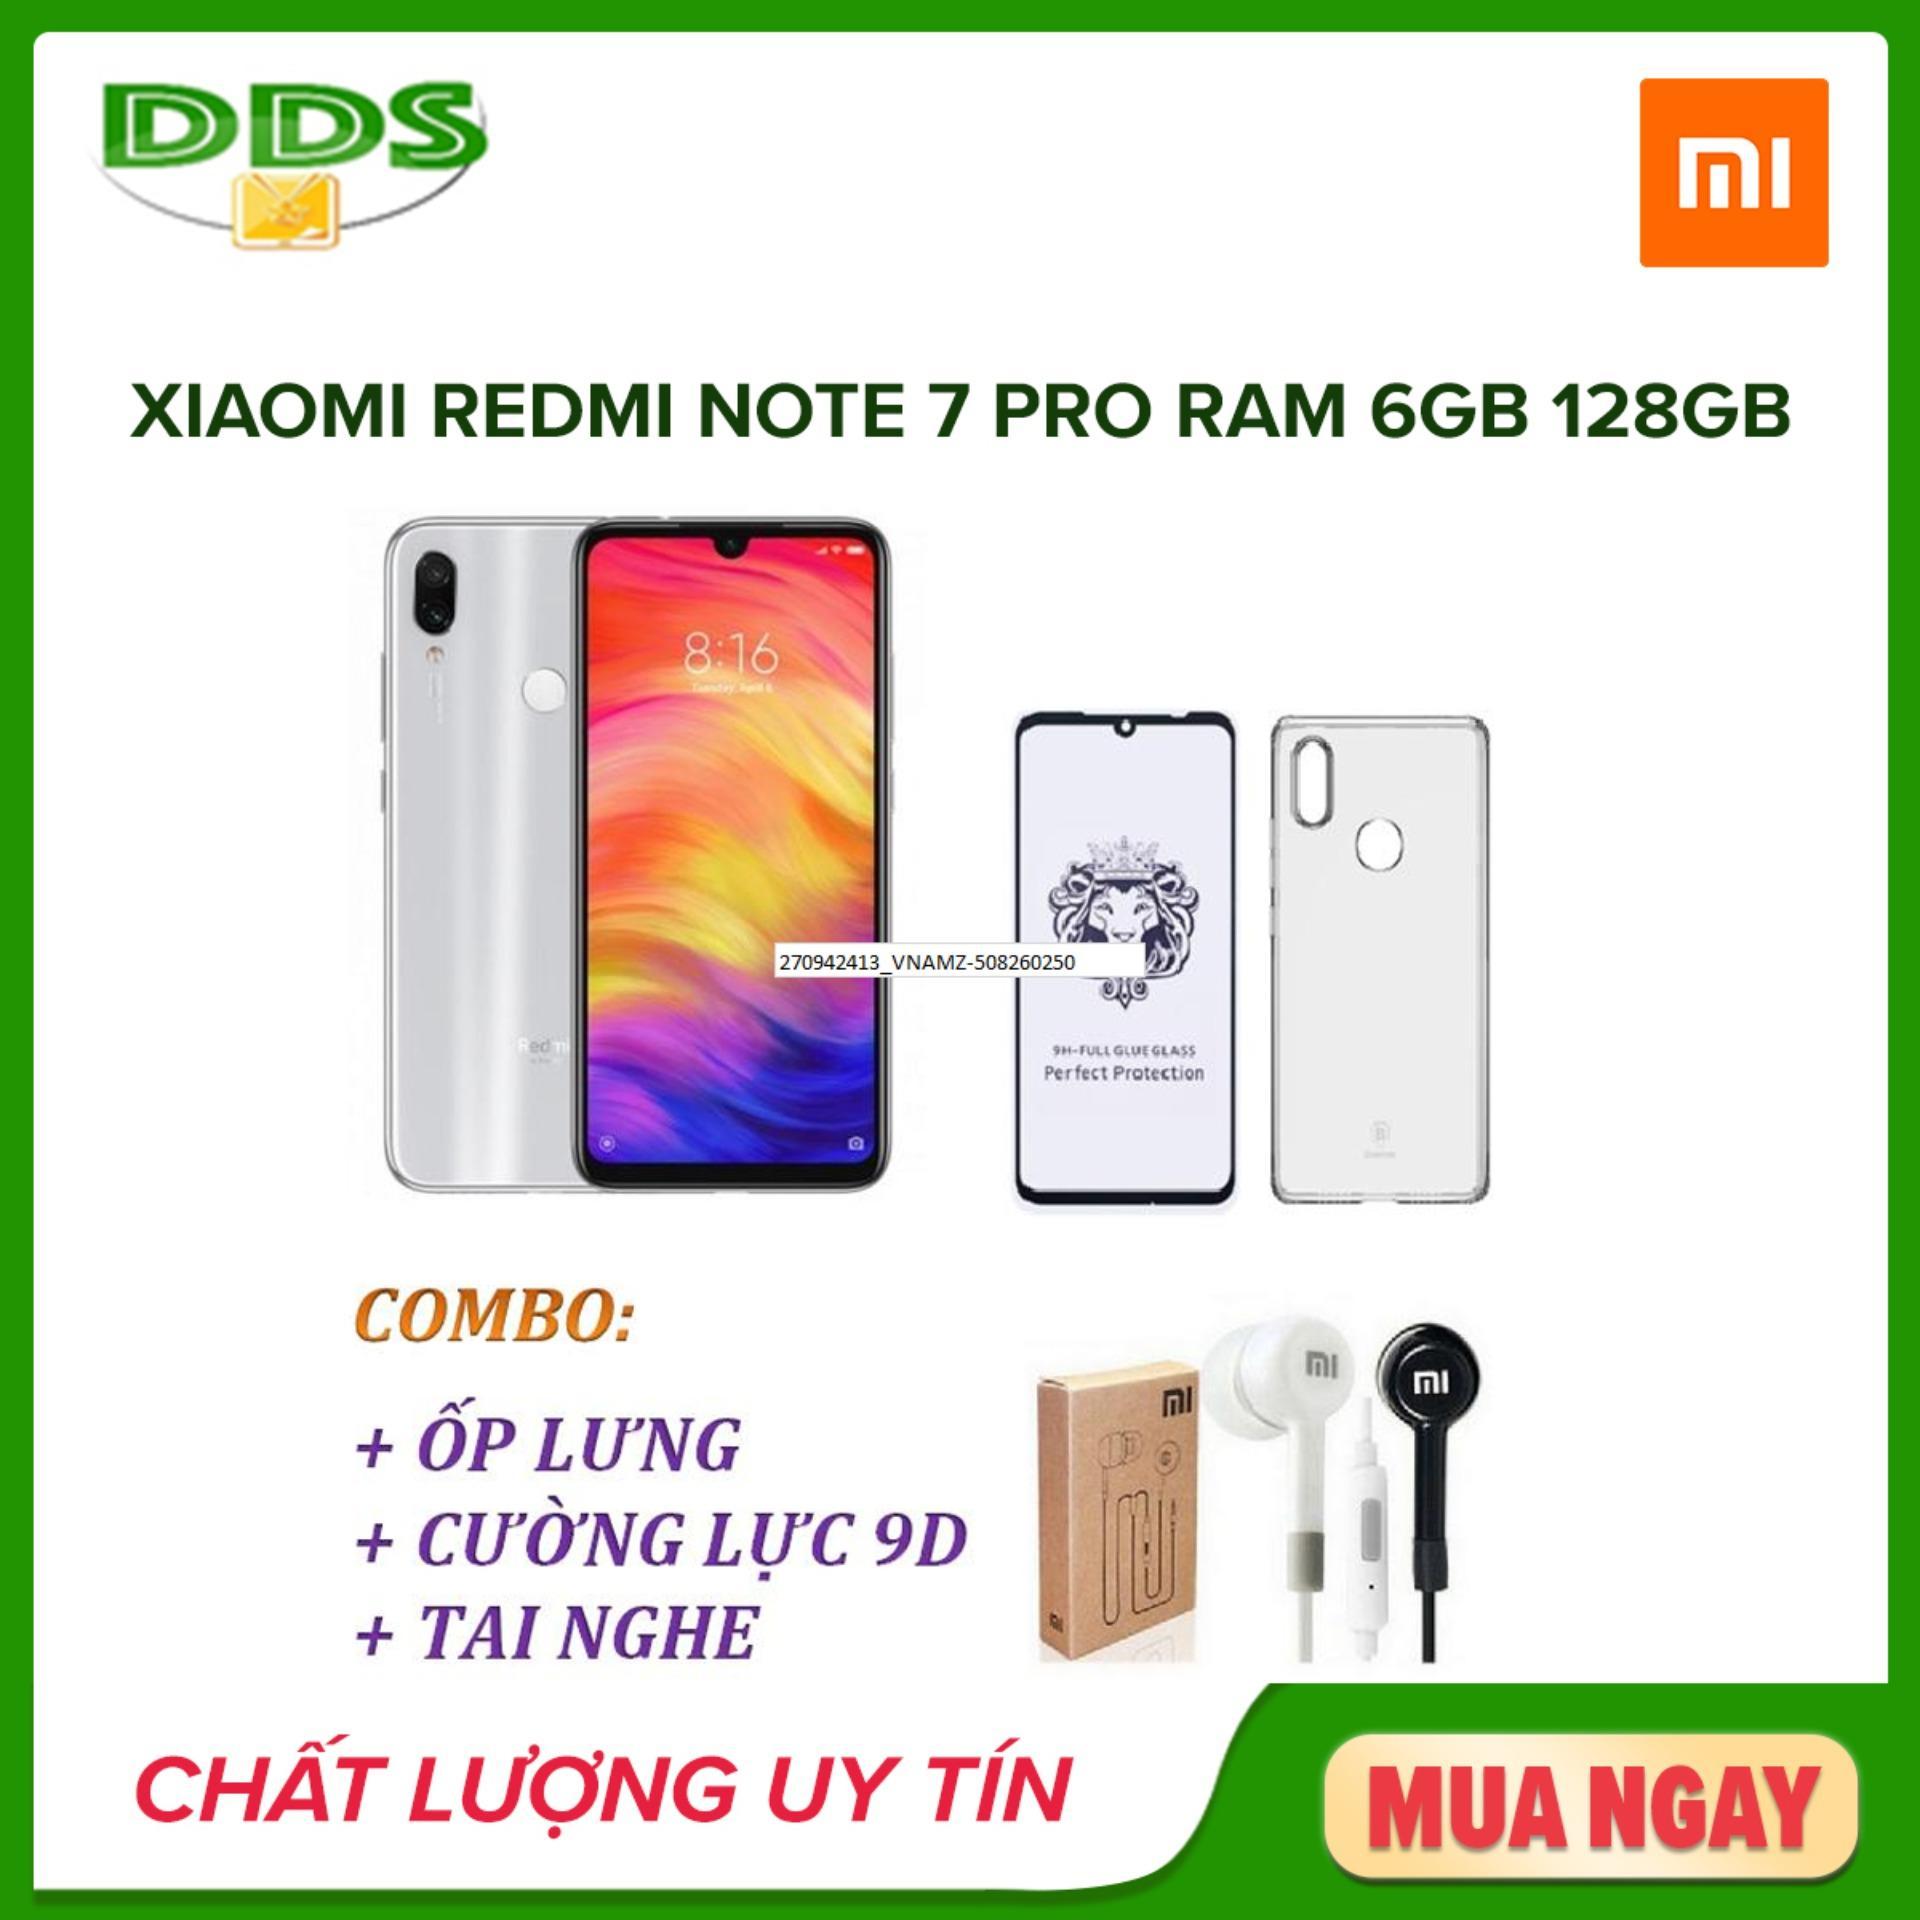 Xiaomi Redmi Note 7 Pro Ram 6GB 128GB + Ốp lưng + Cường lực 9D Full màn + Tai nghe - Hàng nhập khẩu